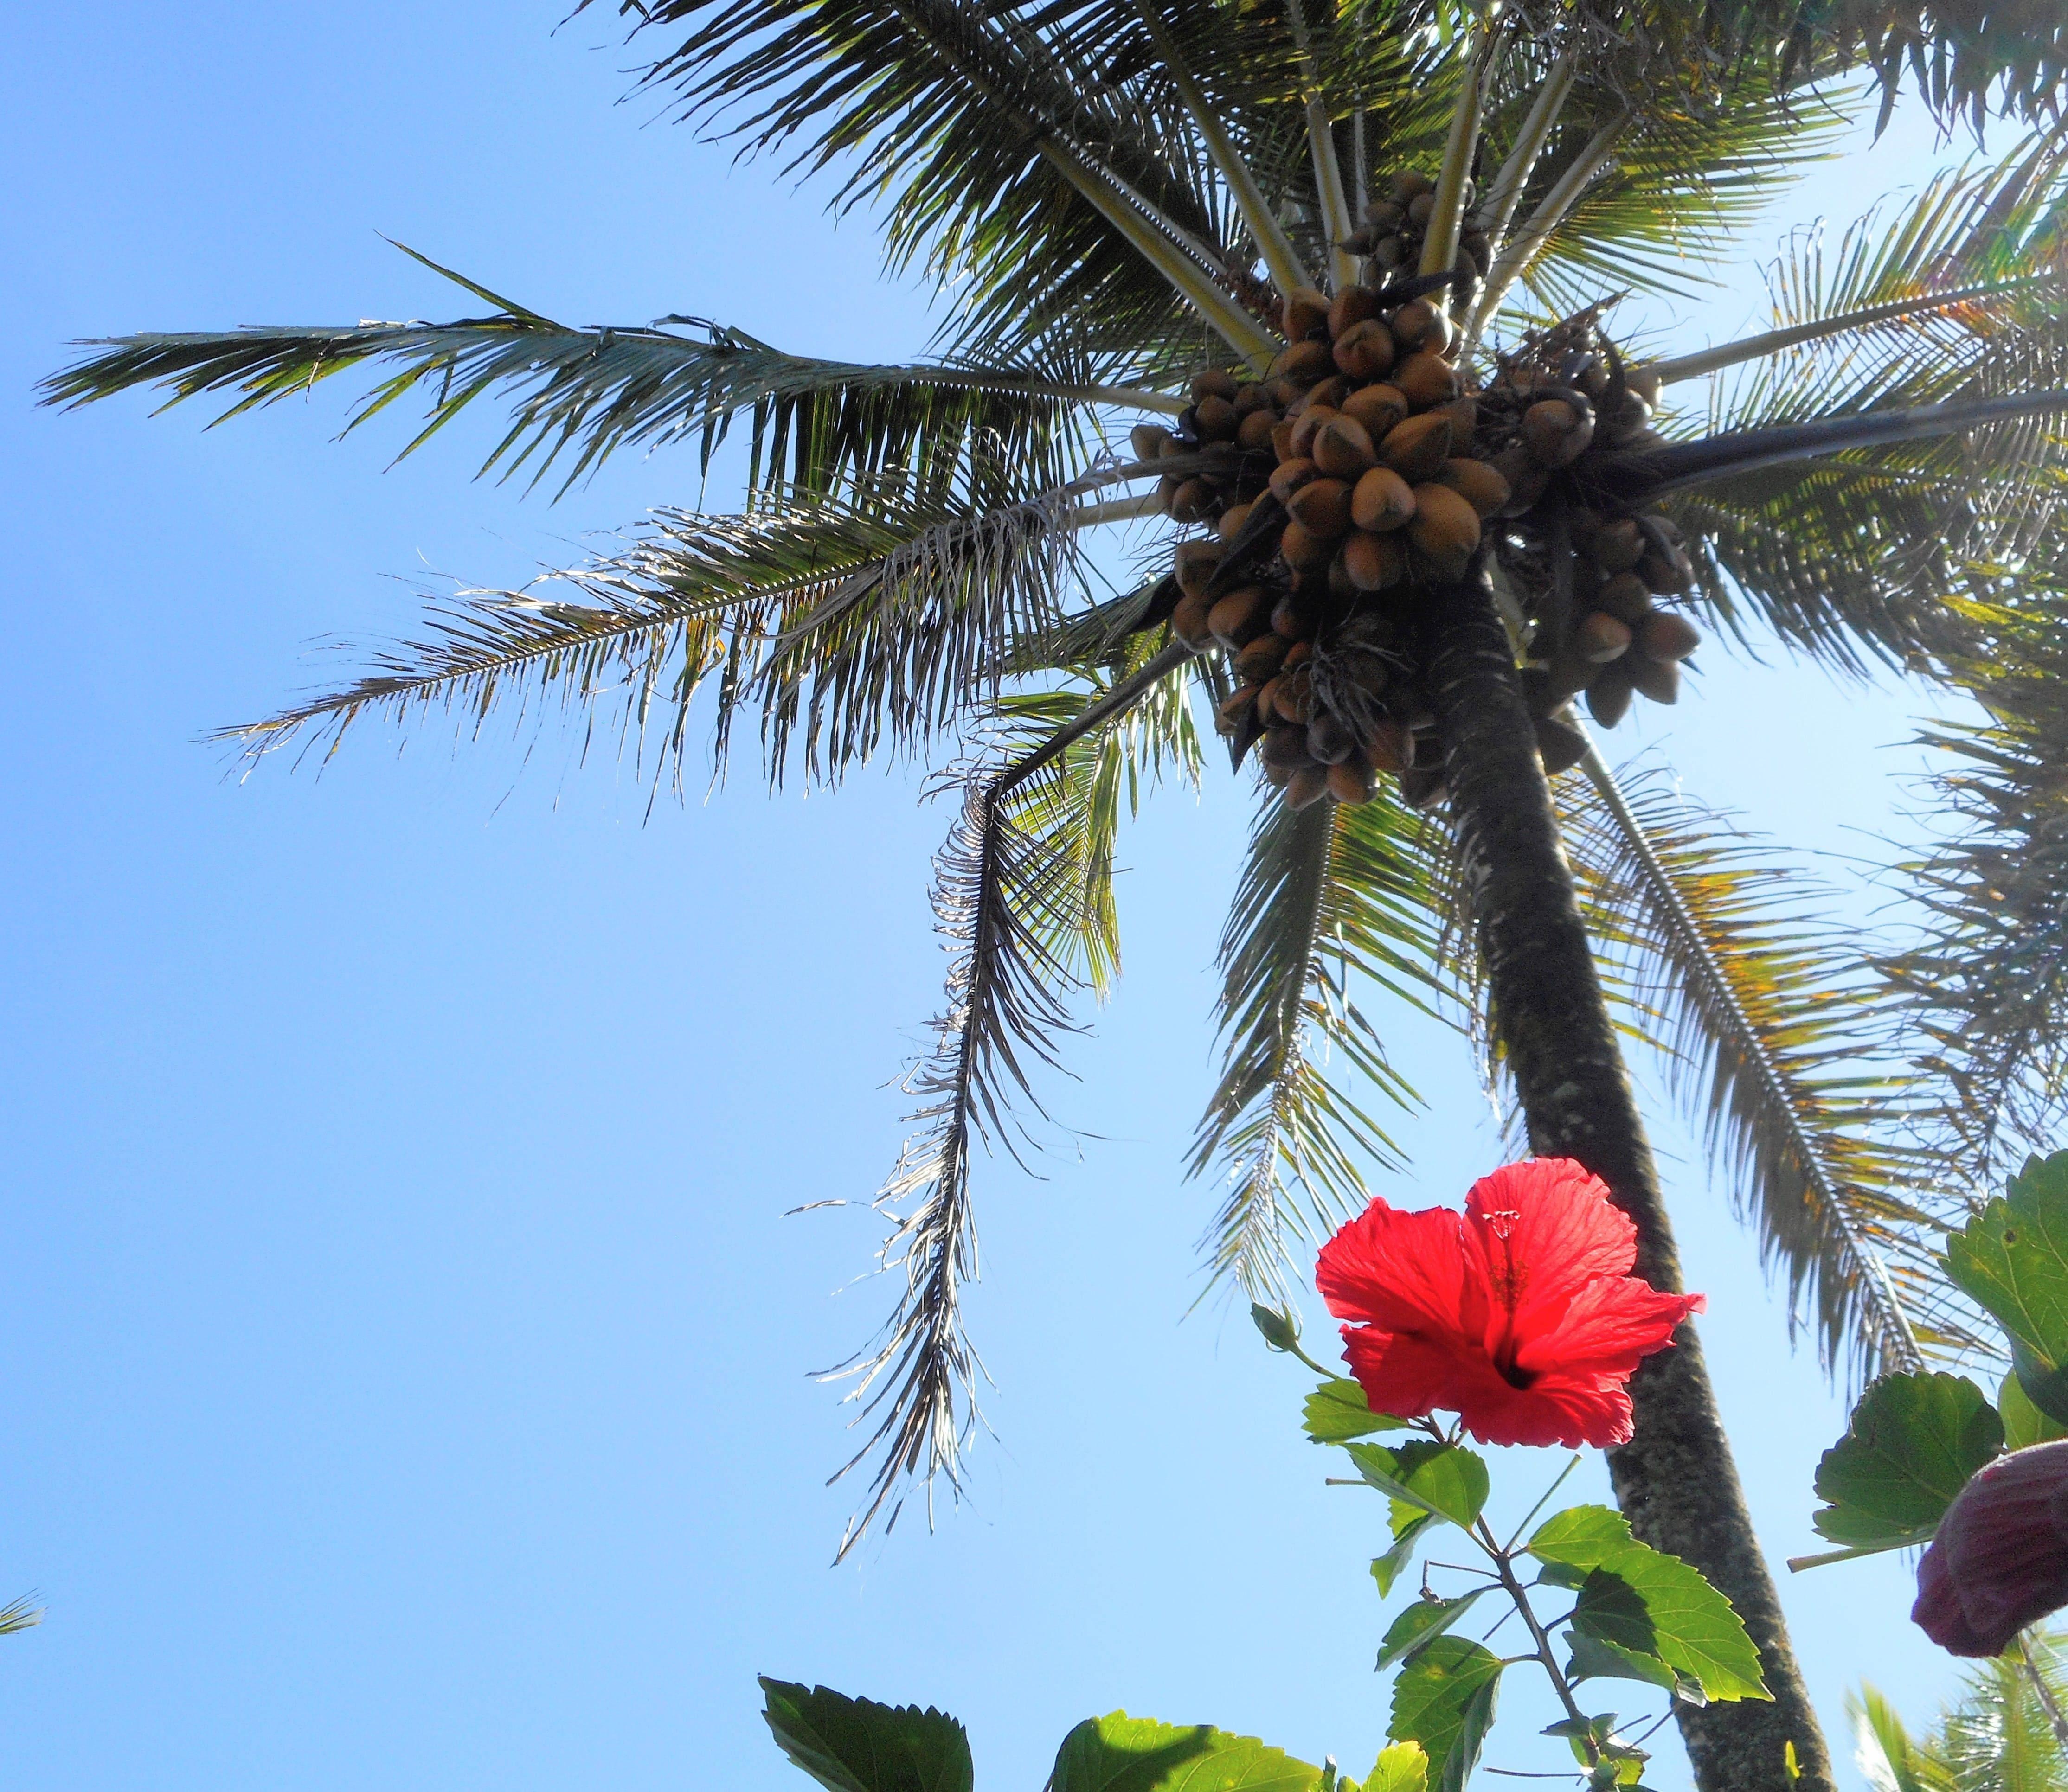 Дерево кокосовая пальма — дерево, которое внесет тепло тропиков в ваш дом!